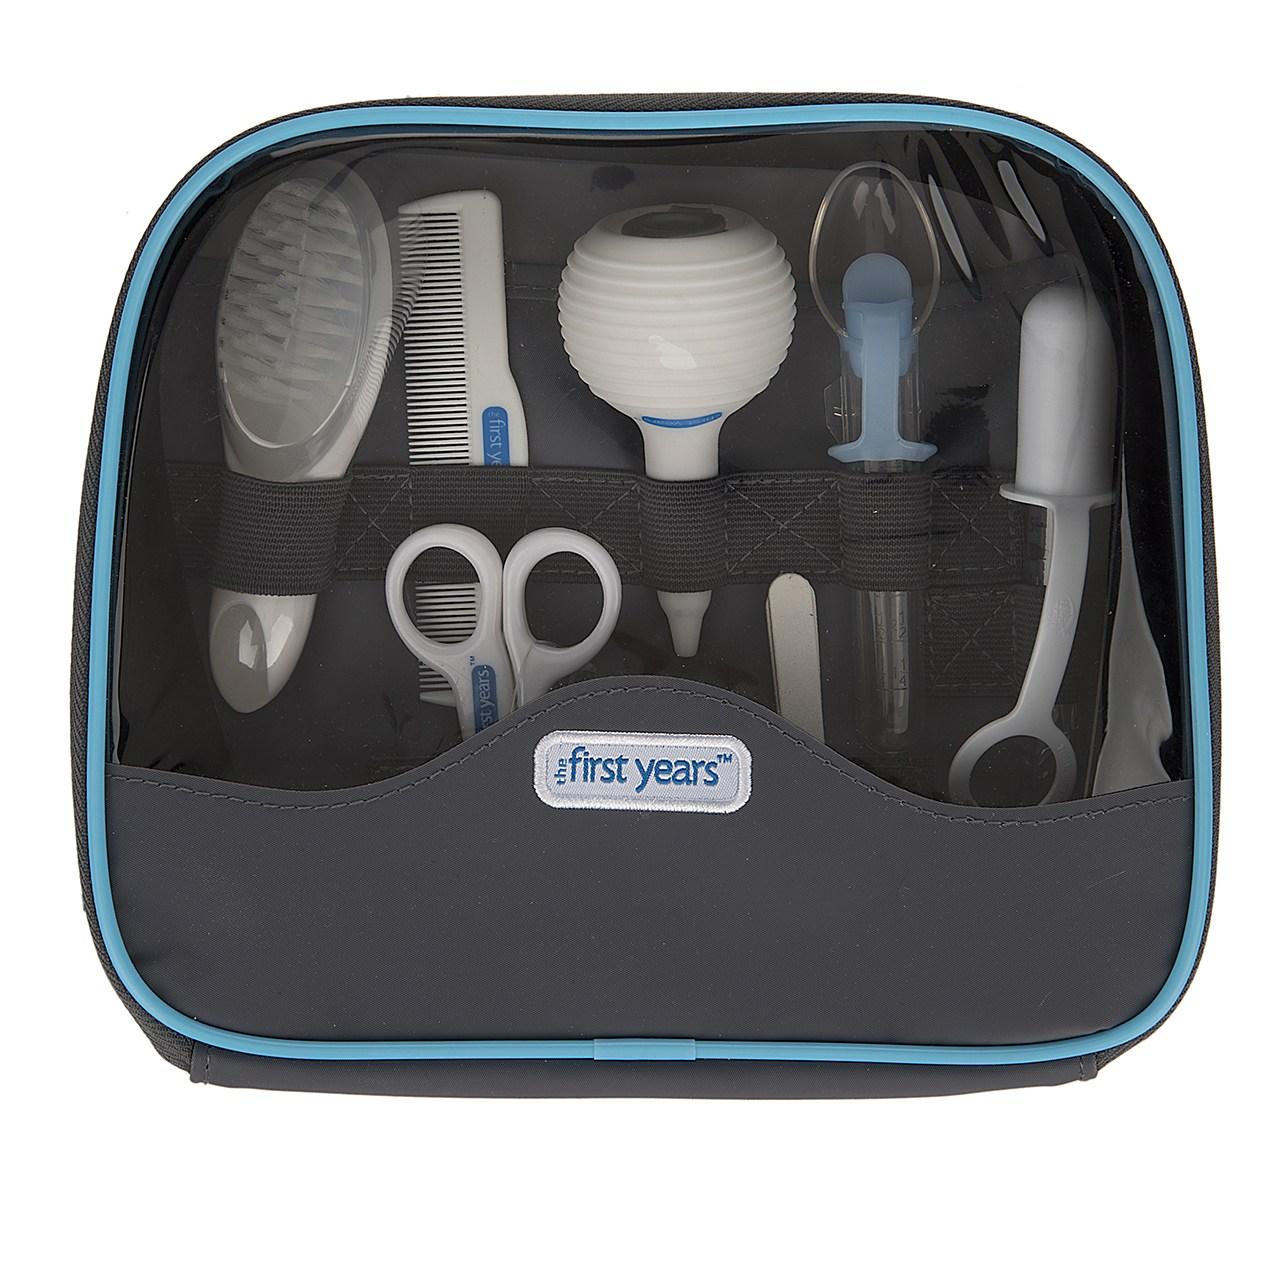 خرید ست بهداشتی فرست یرز مدل Y7057